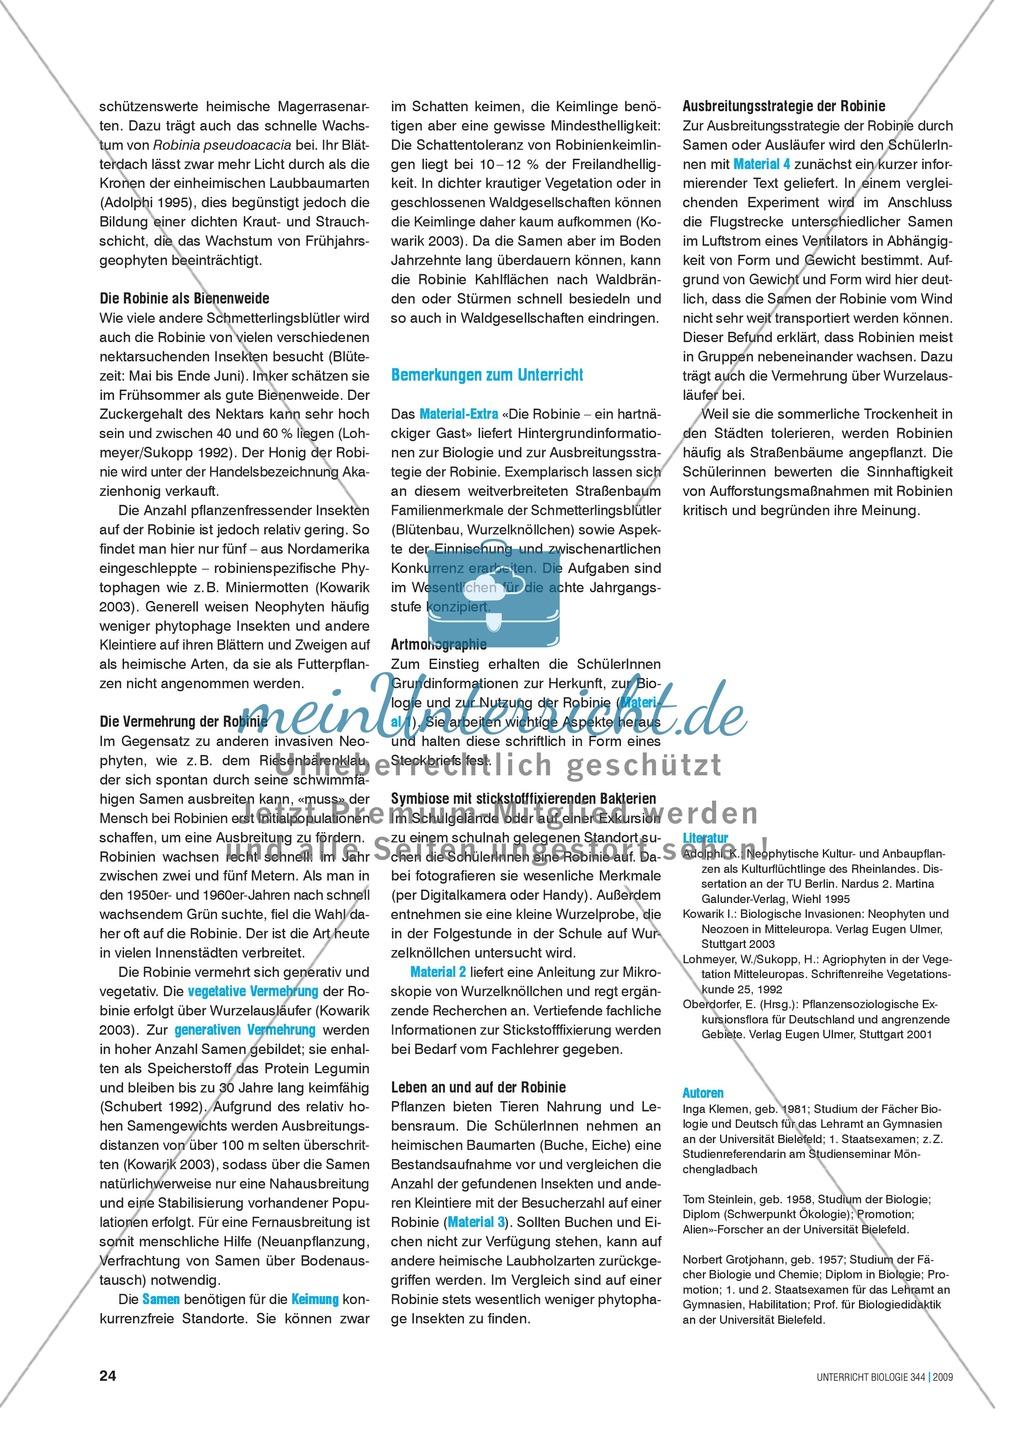 Neobiota: Die Ausbreitung der